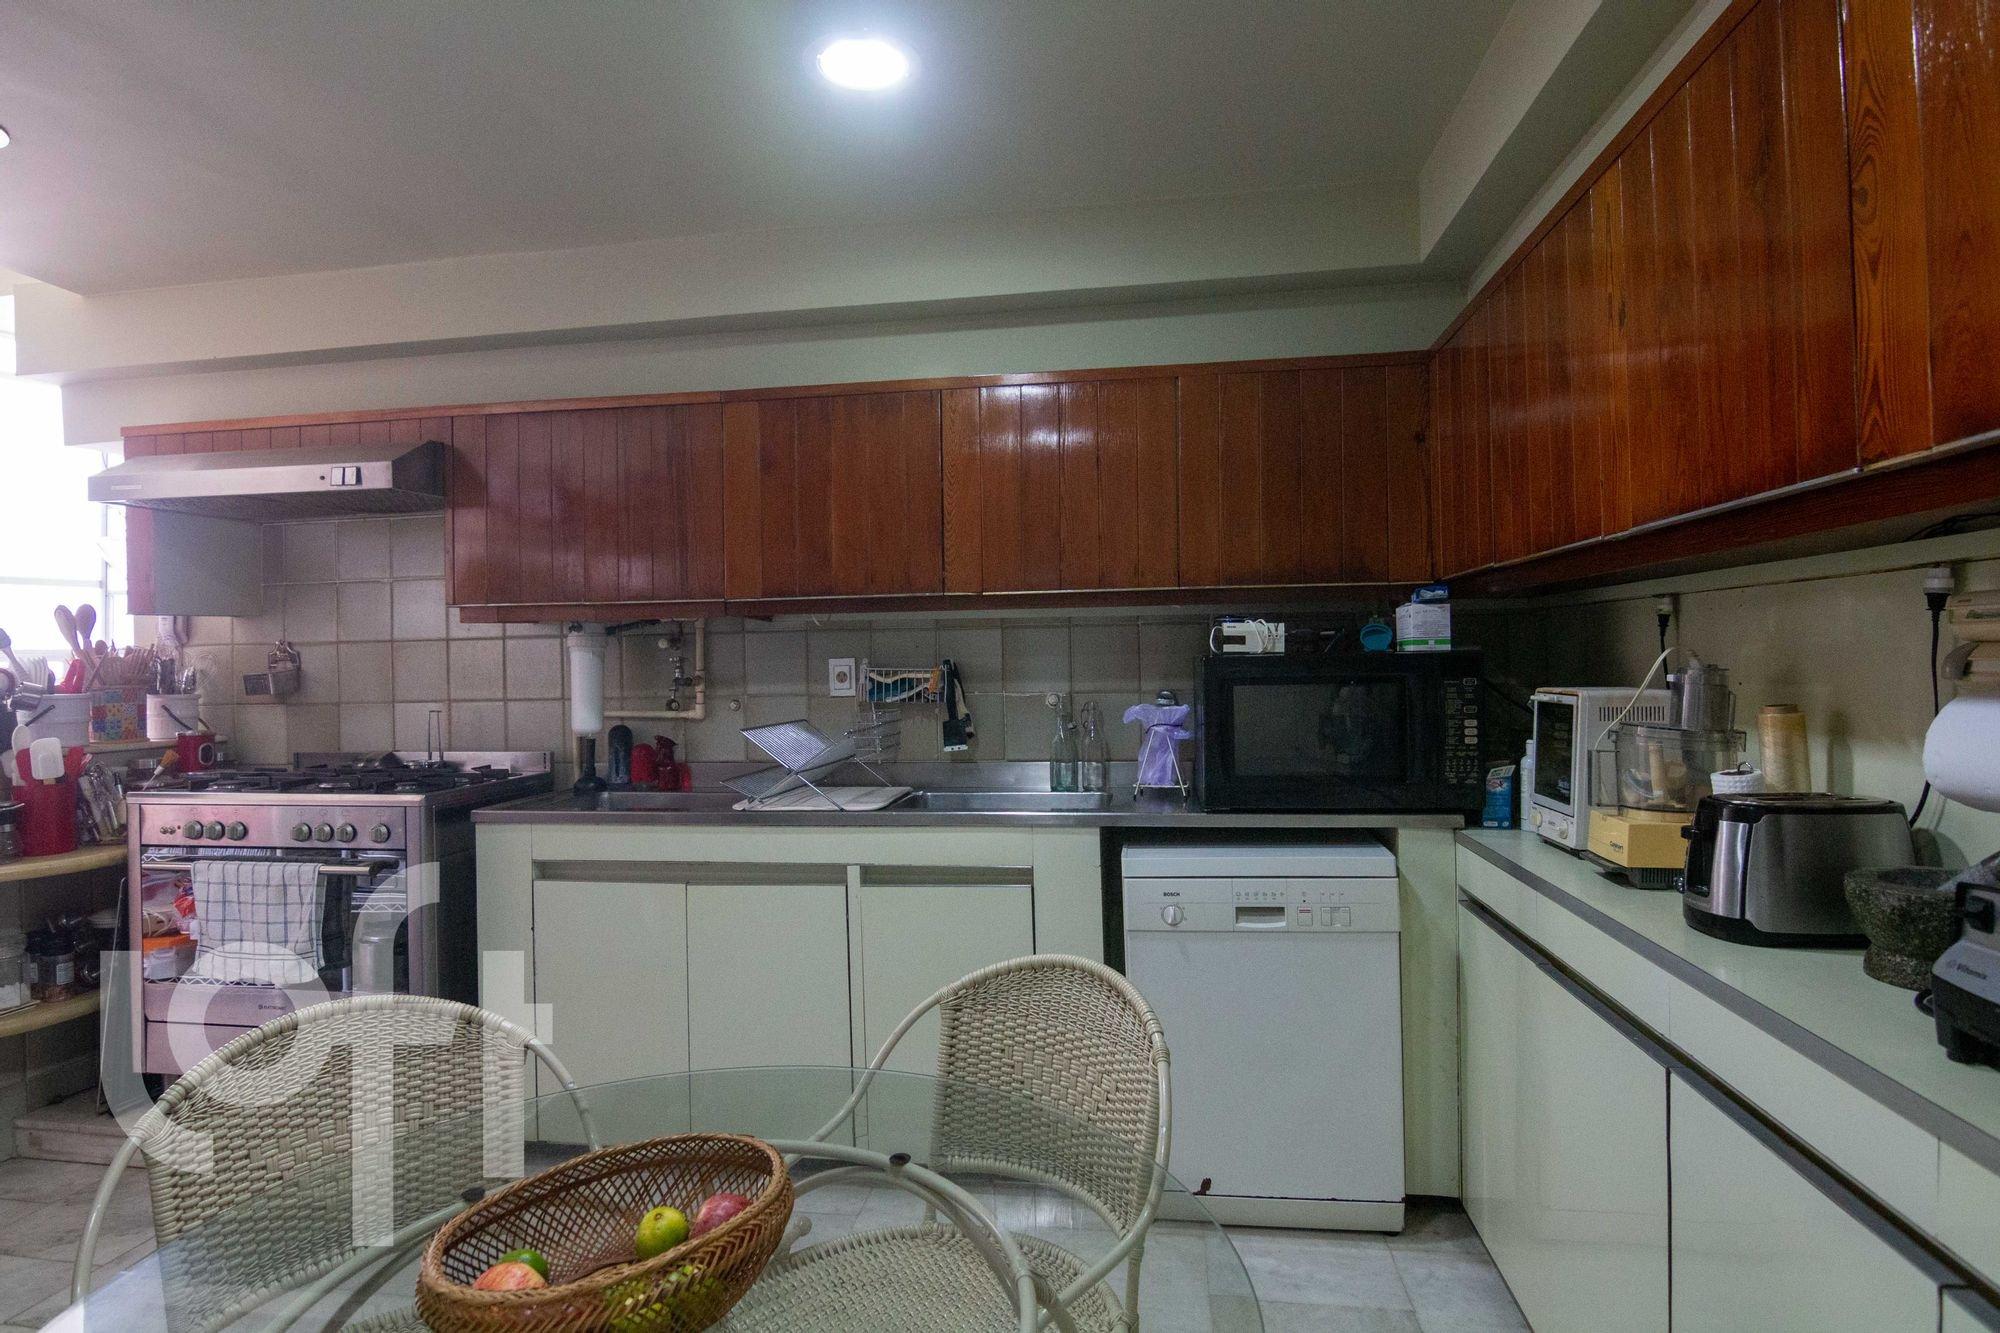 Foto de Cozinha com forno, cadeira, microondas